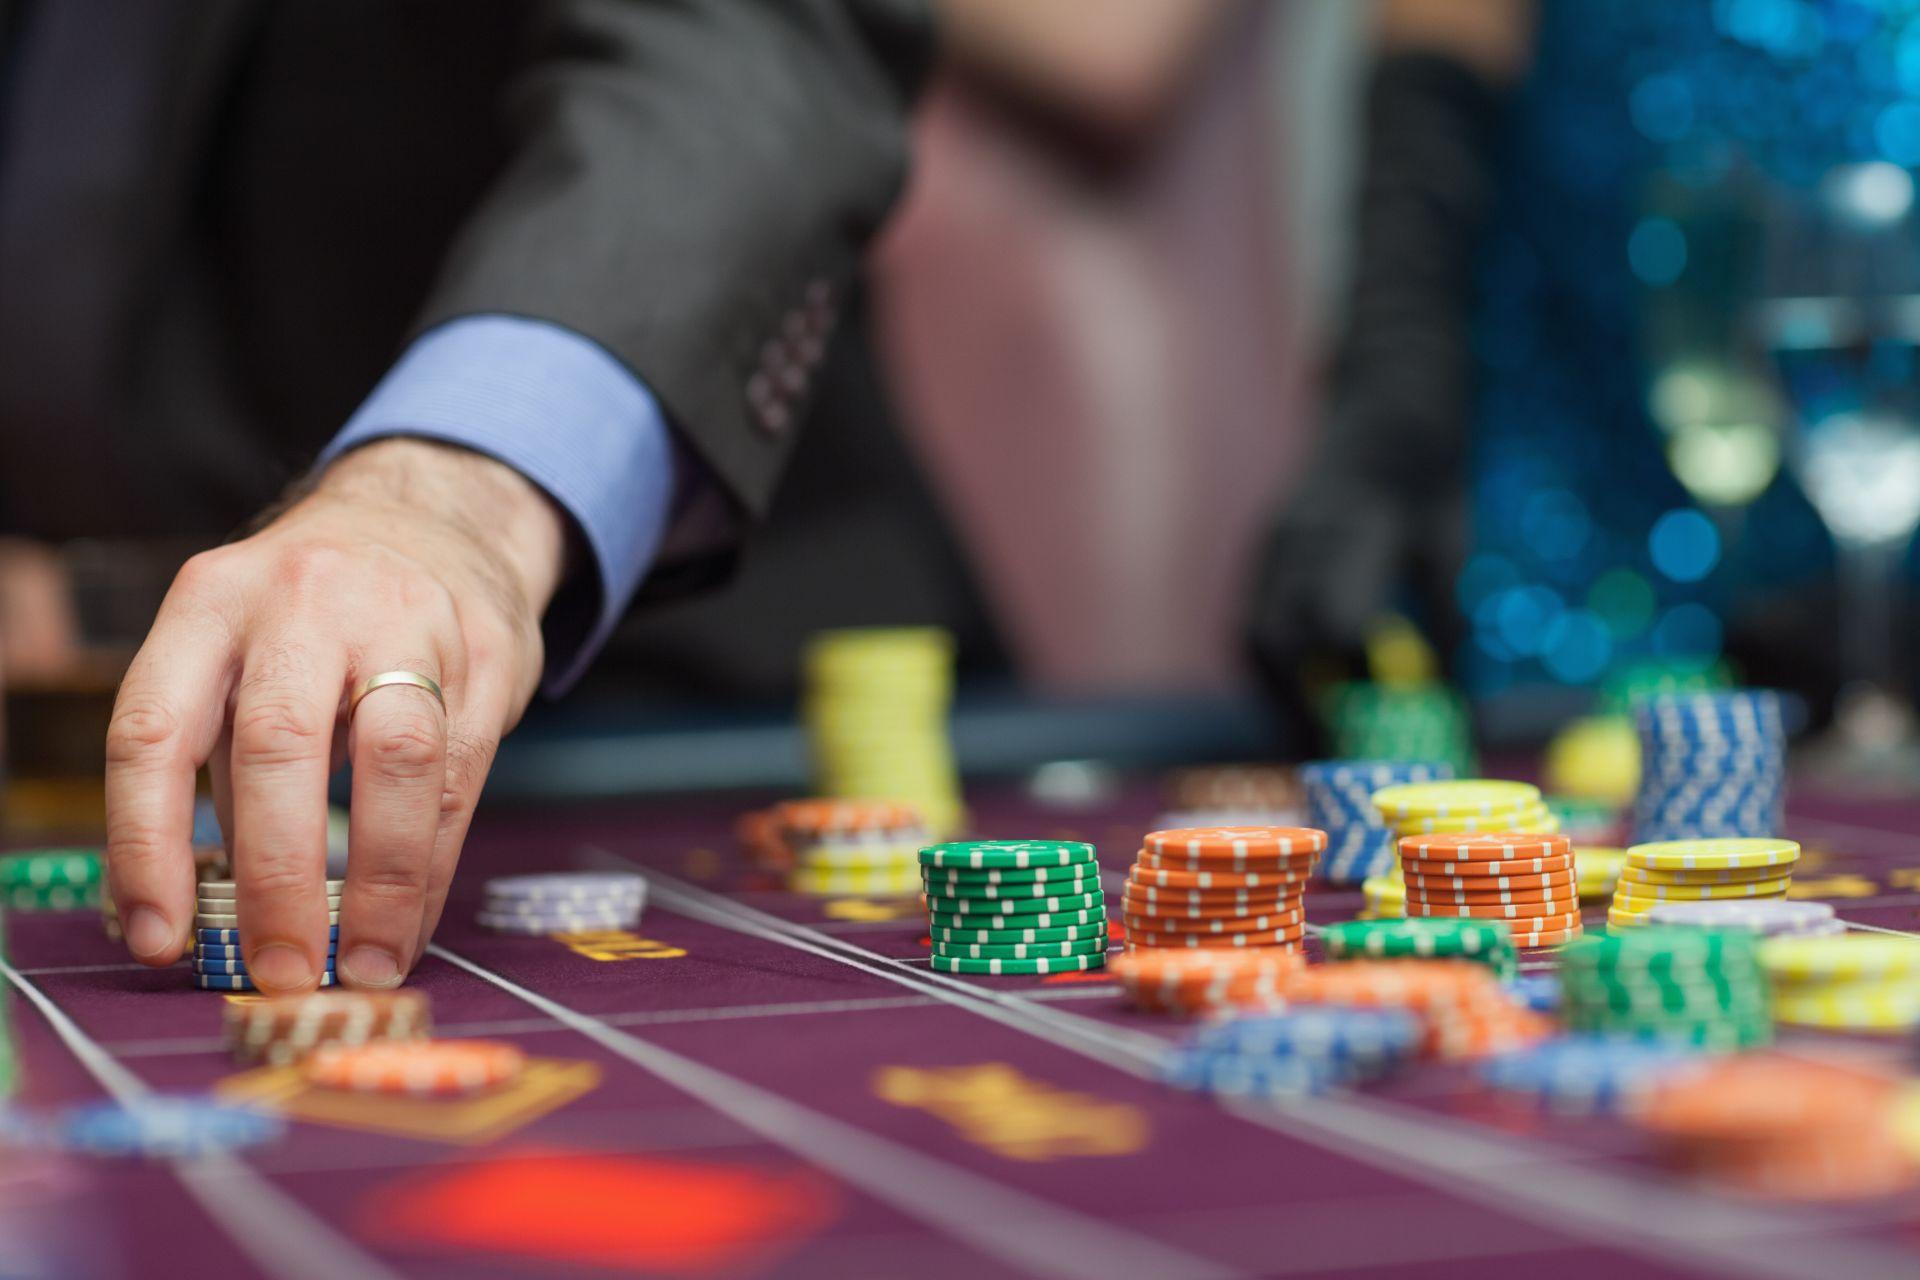 Loi ich tu viec choi Casino tot nhat